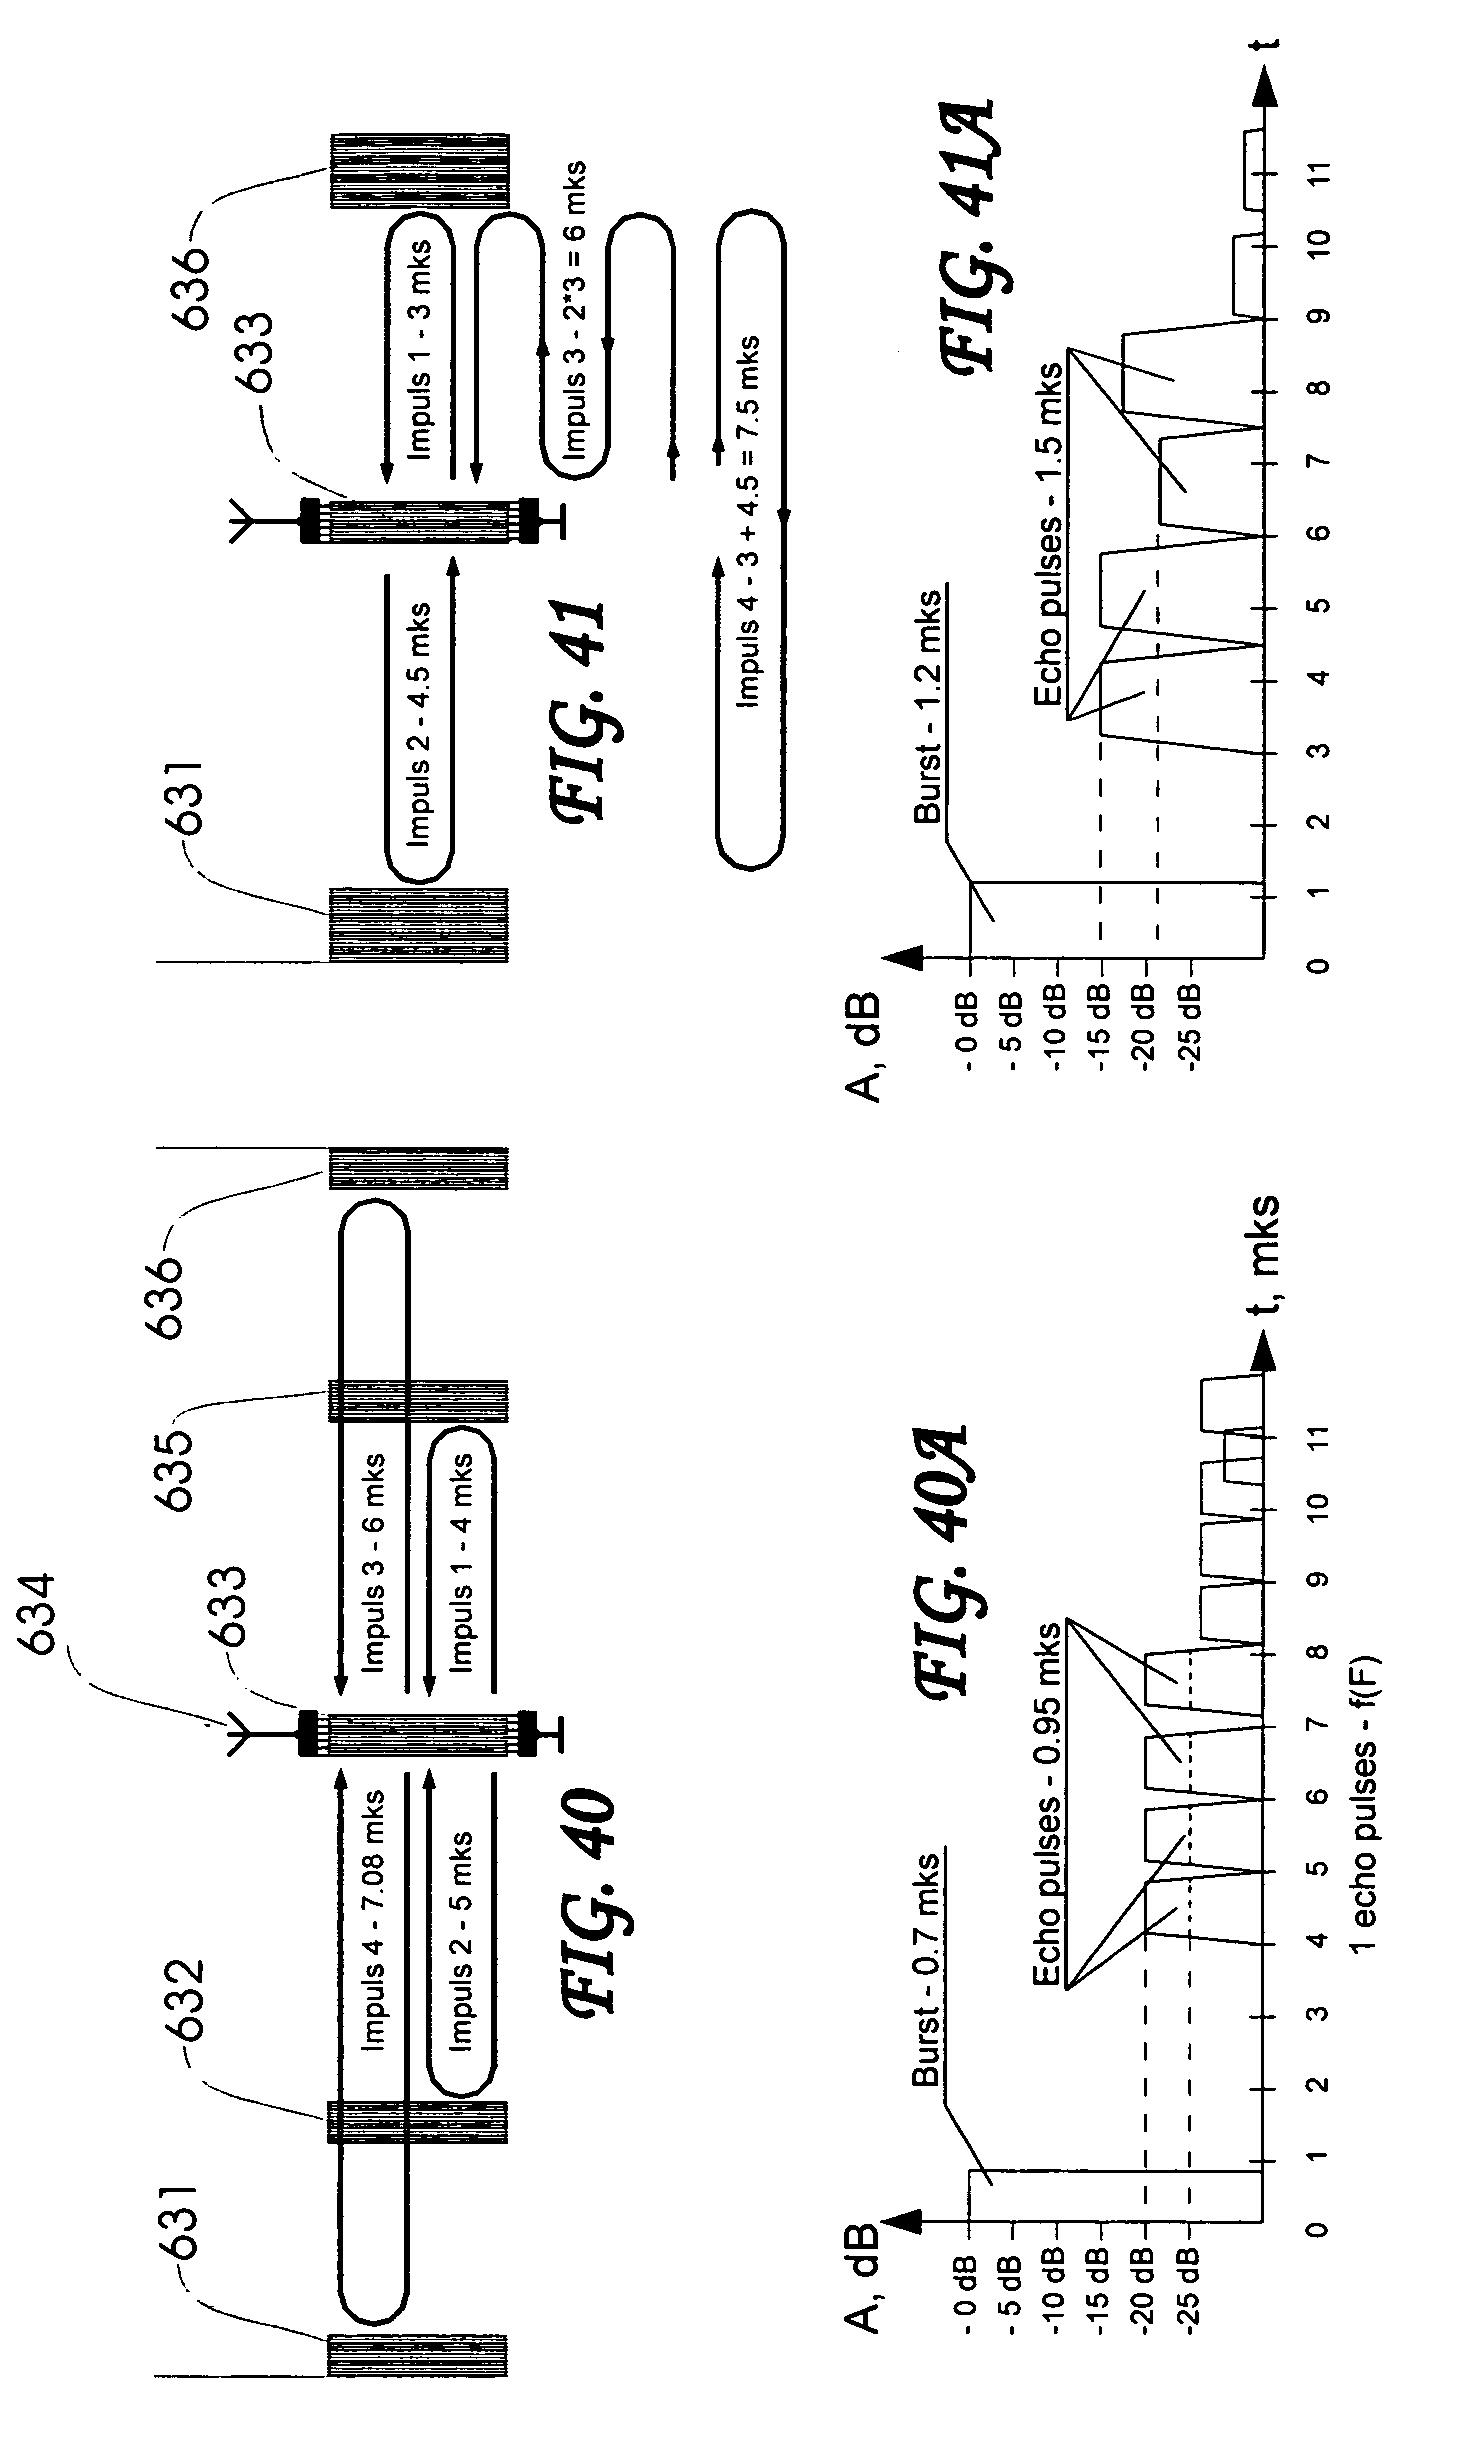 Patent Us 7103460 B1 My Jfet Quartz Oscillator Public Circuit Online Simulator